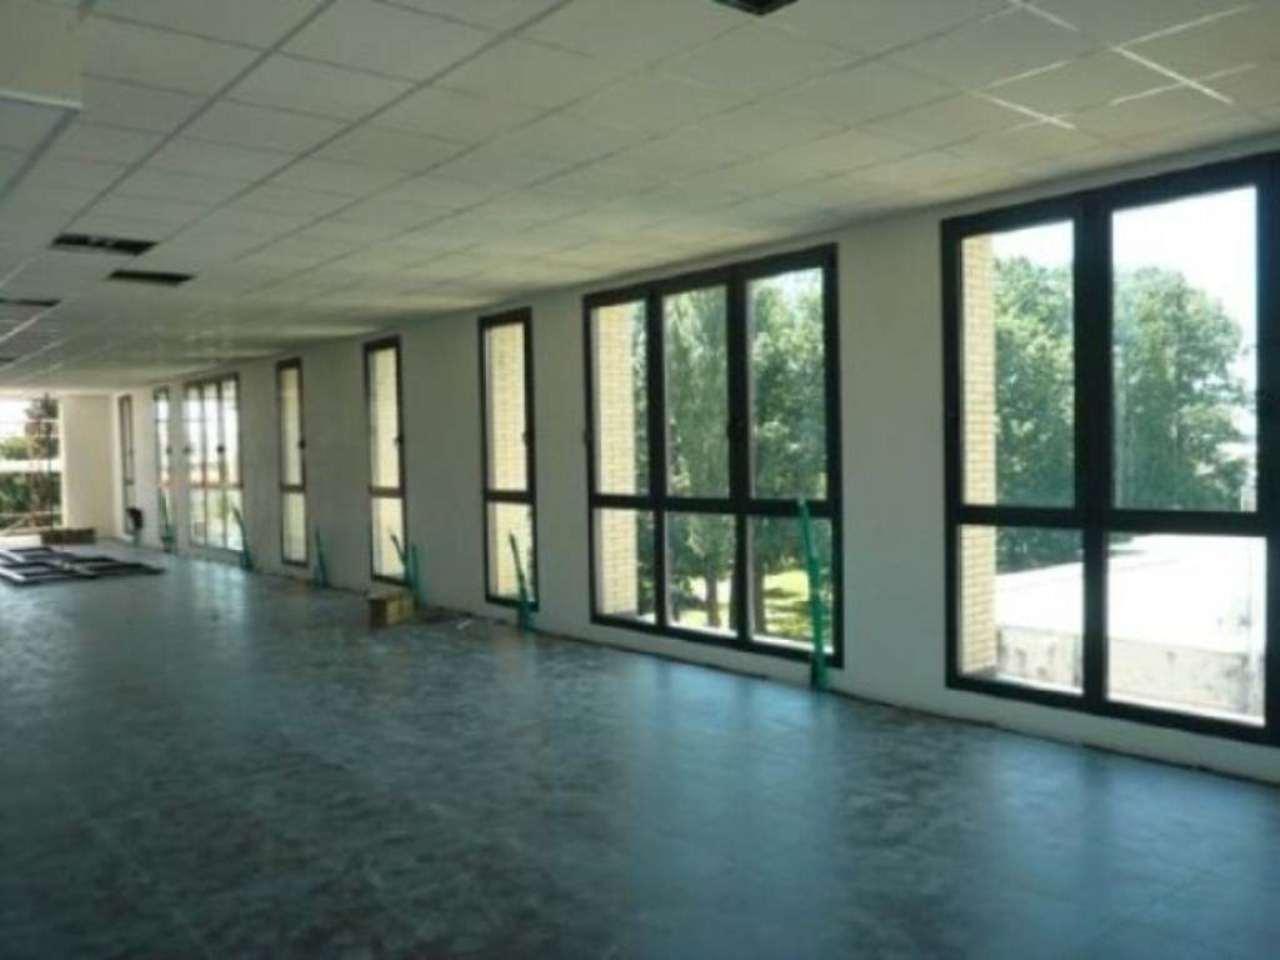 Immagine immobiliare ufficio ampio in palazzina nuova A Rivarolo Canavese, Via Vallero (zona centrale) nella nuova palazzina direzionale denominata